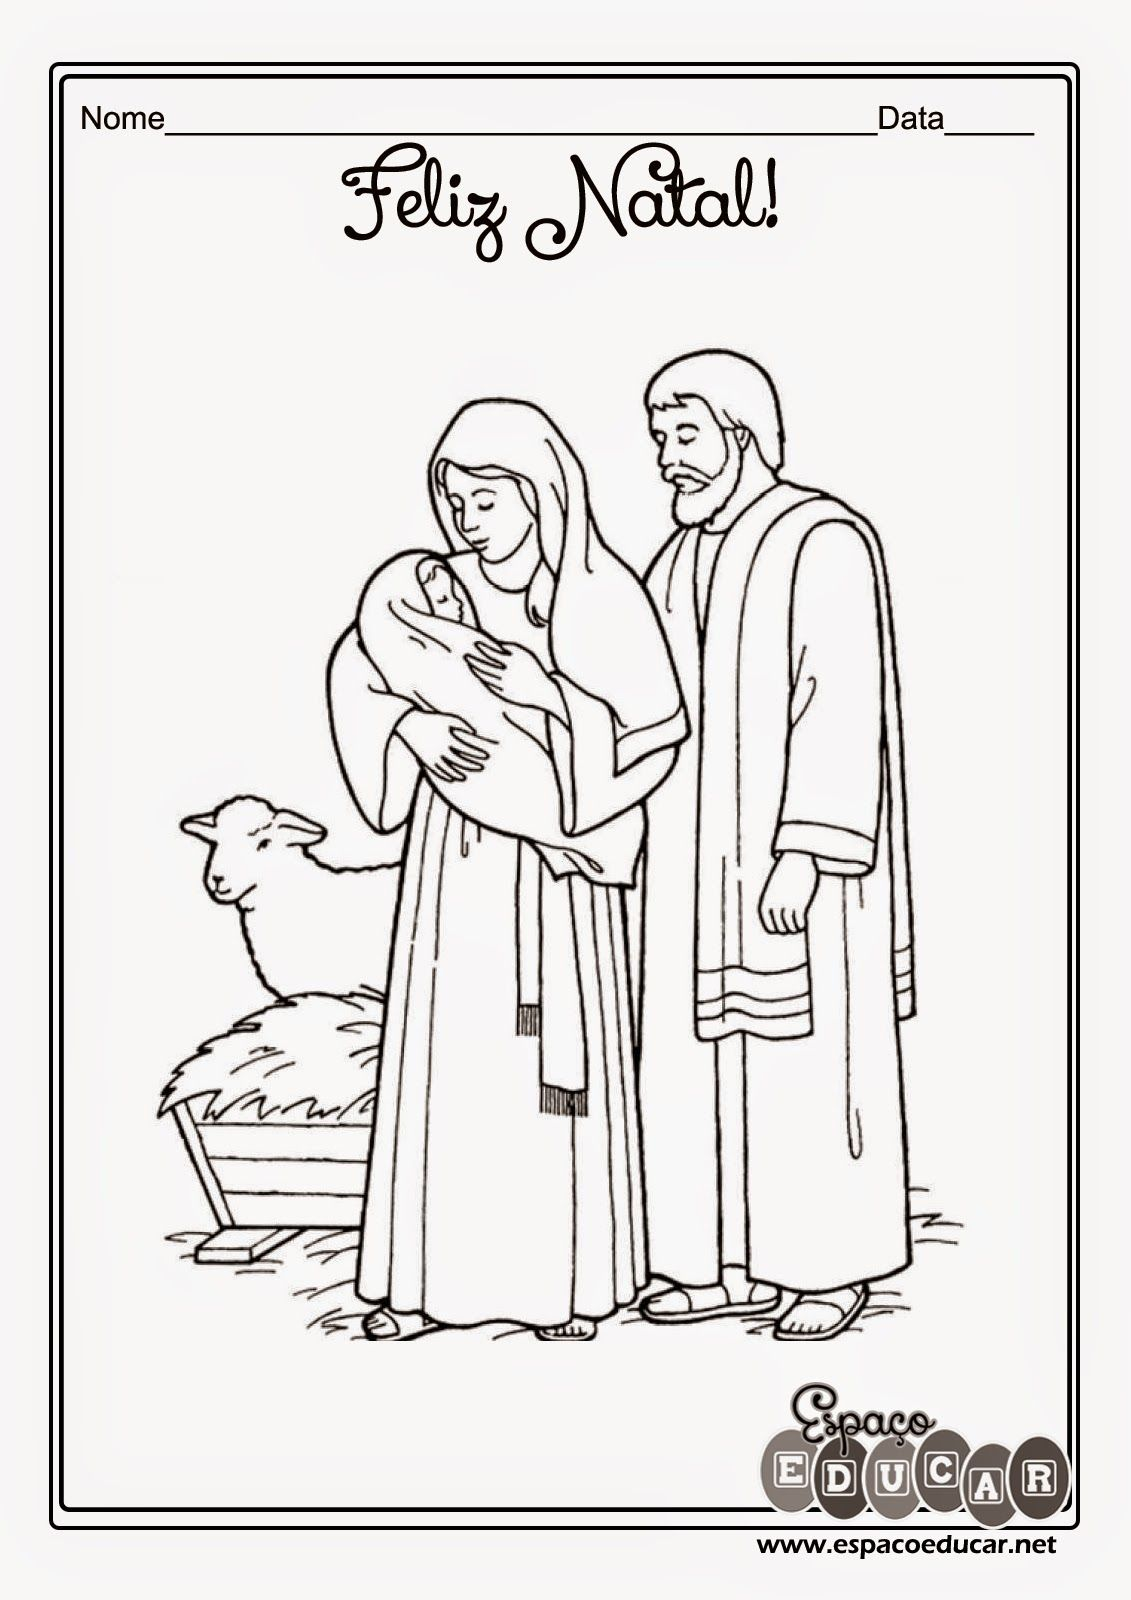 ESPAÇO EDUCAR: Desenhos do nascimento de Jesus para